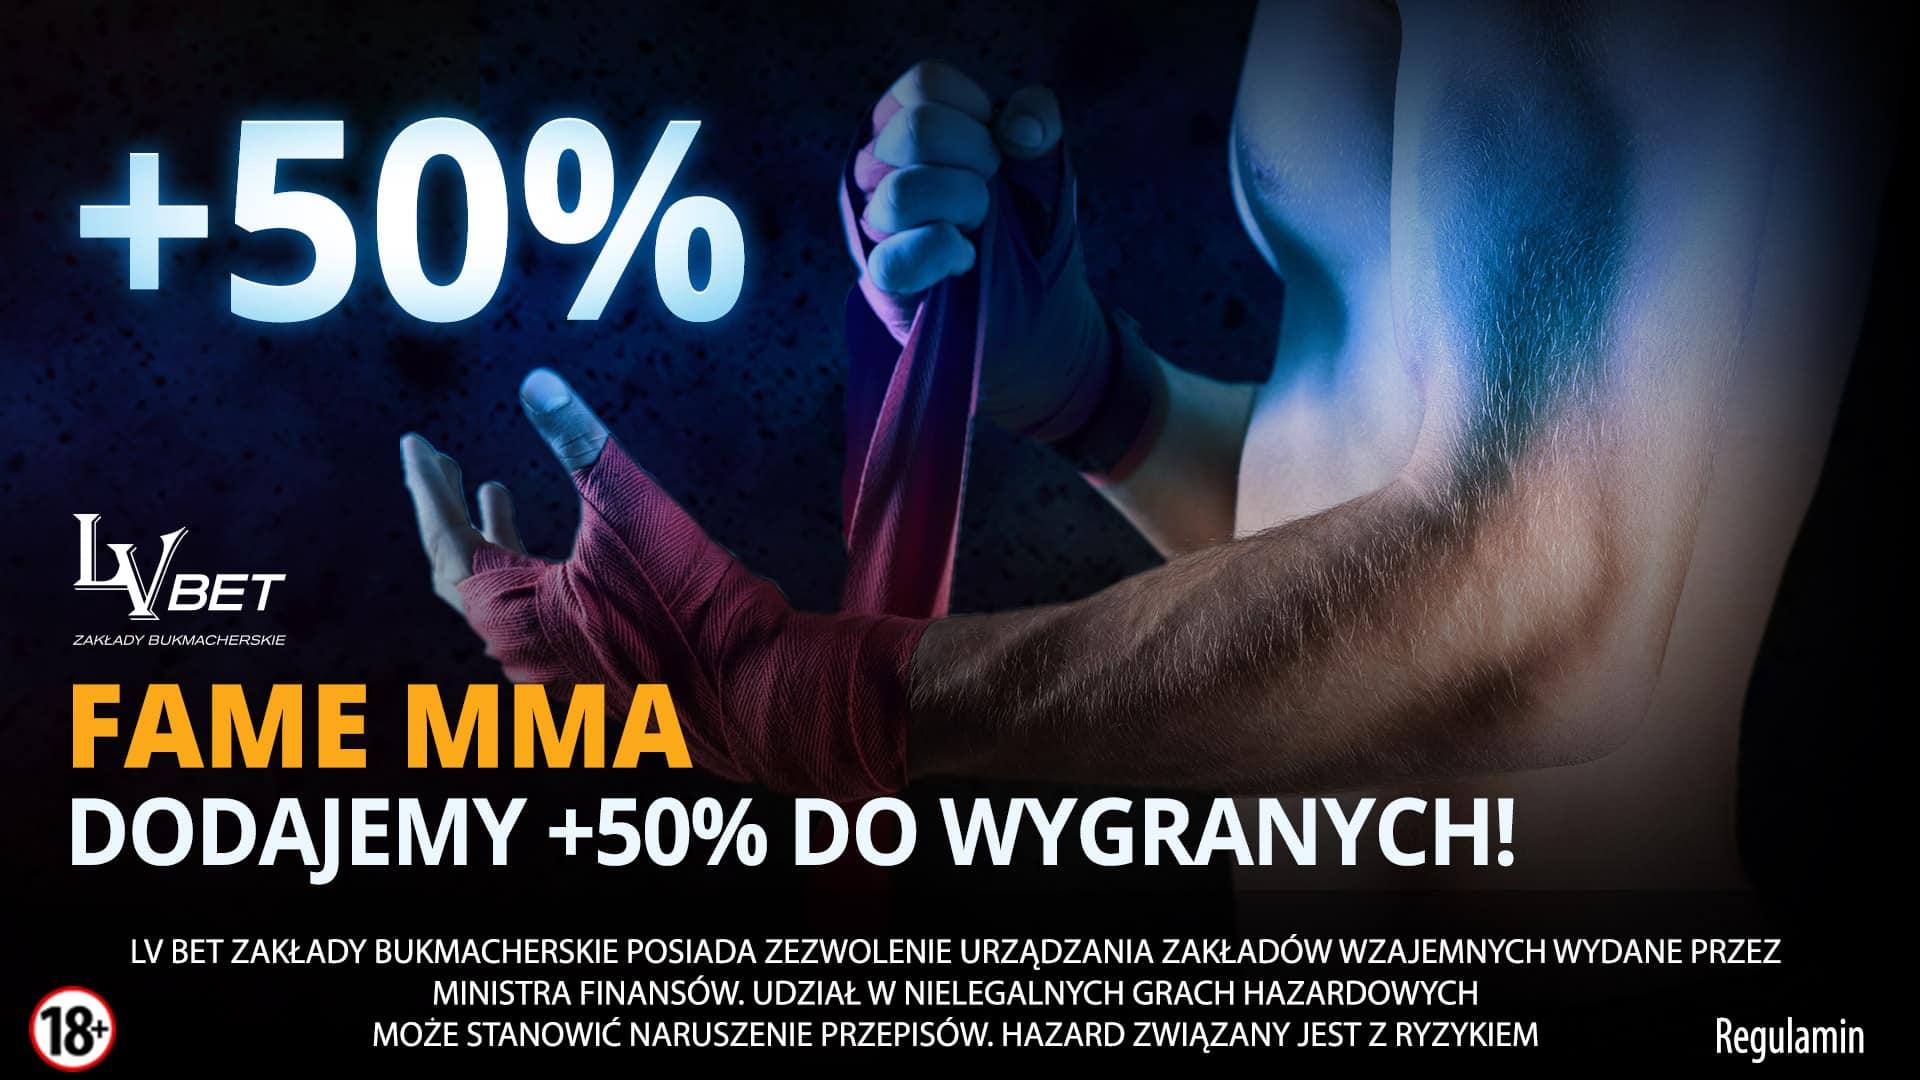 Bonus na FAME MMA 2 LvBET!